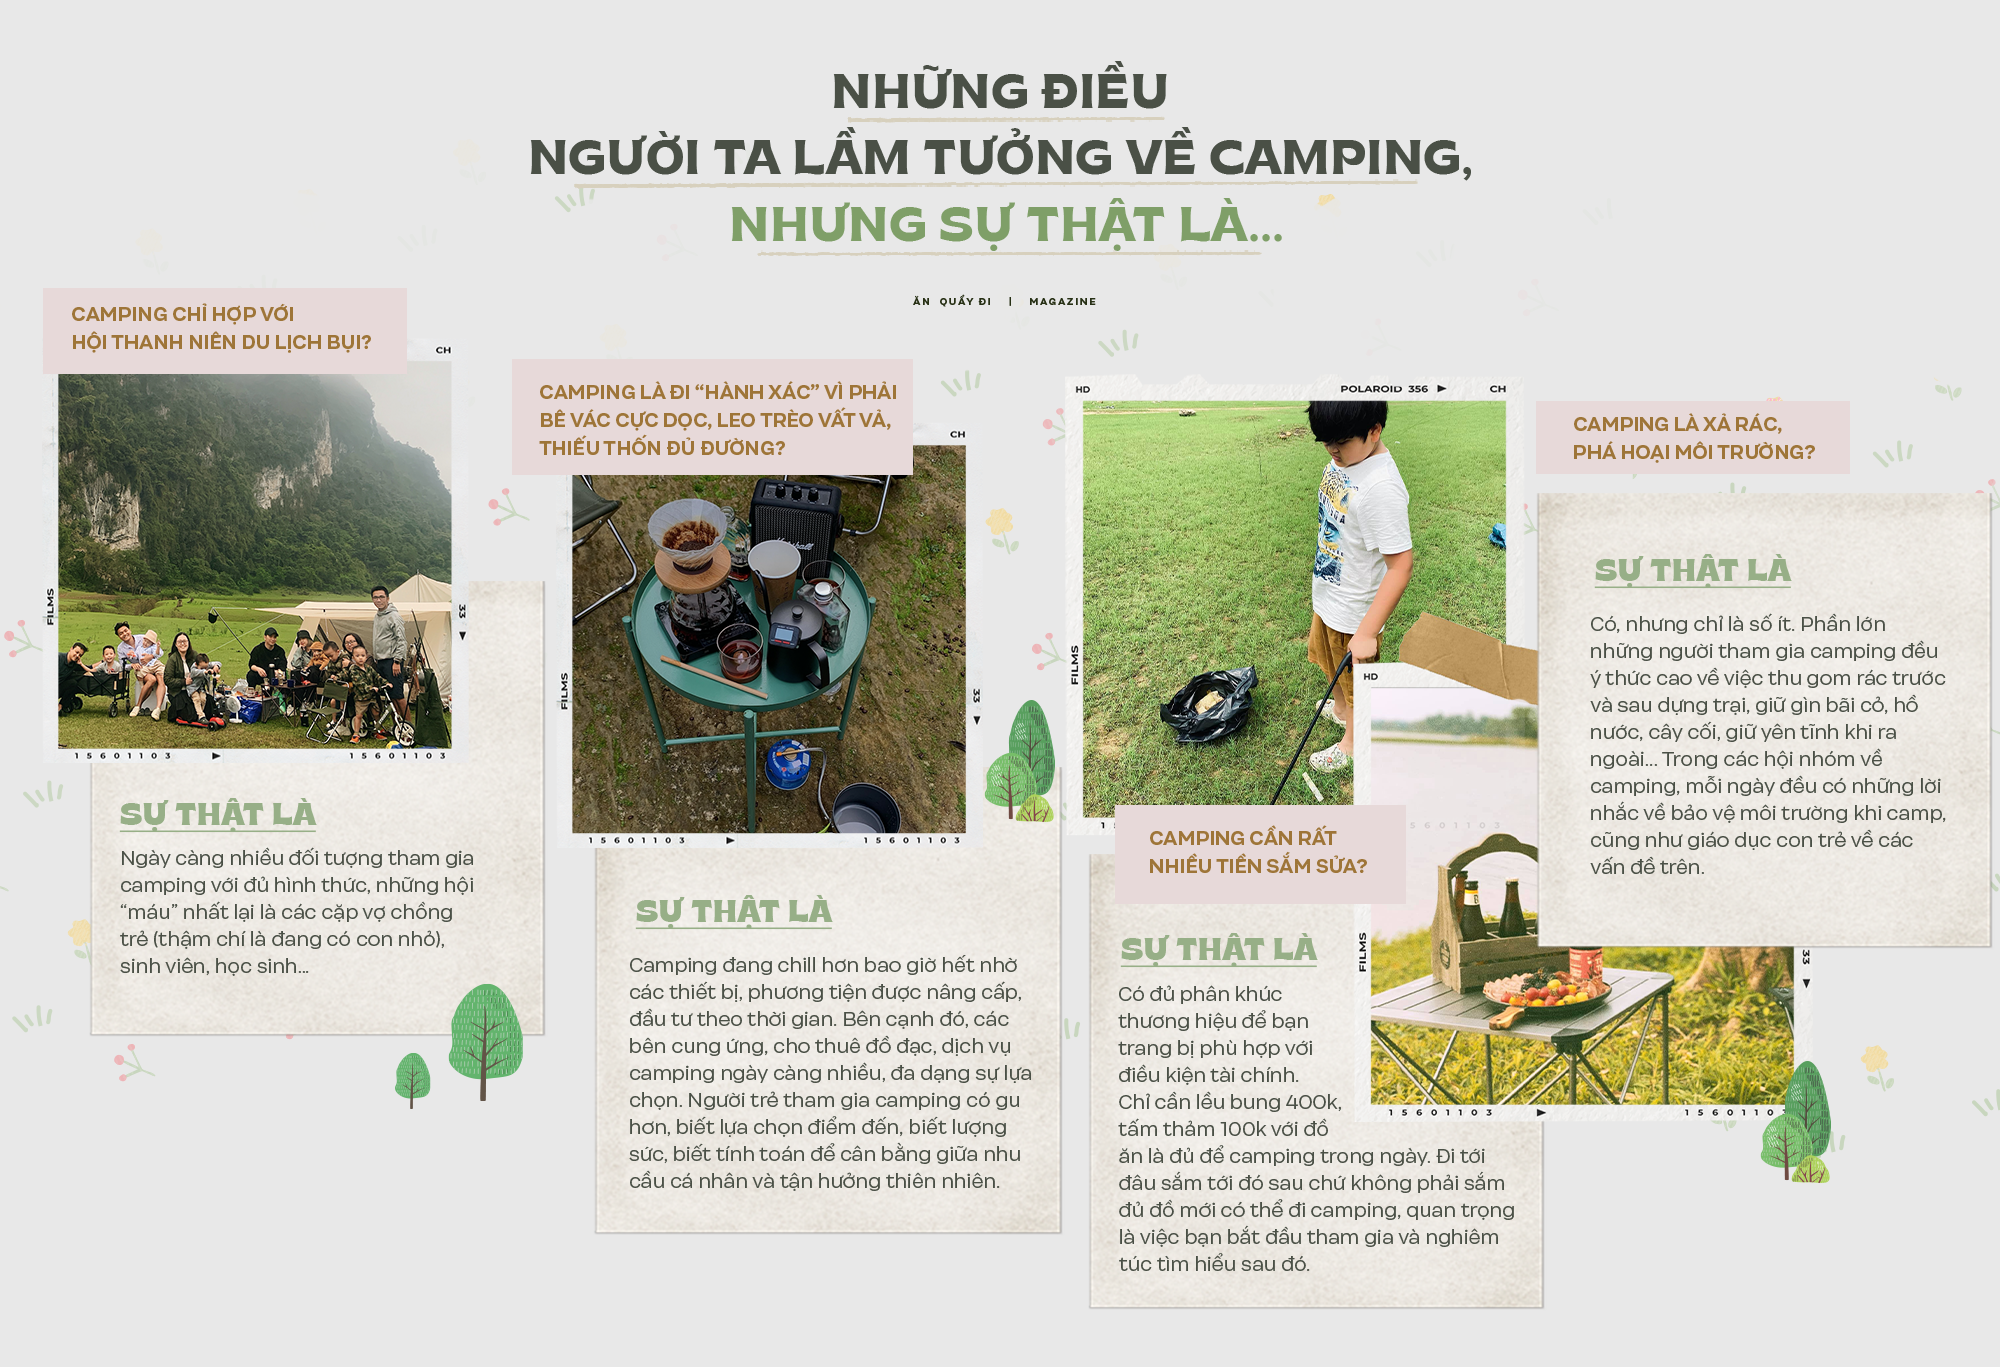 """Đổi """"vị"""" du lịch với một món thật khác lạ, trải nghiệm ngay trào lưu camping """"hot hit"""" nhất lúc này! - Ảnh 2."""